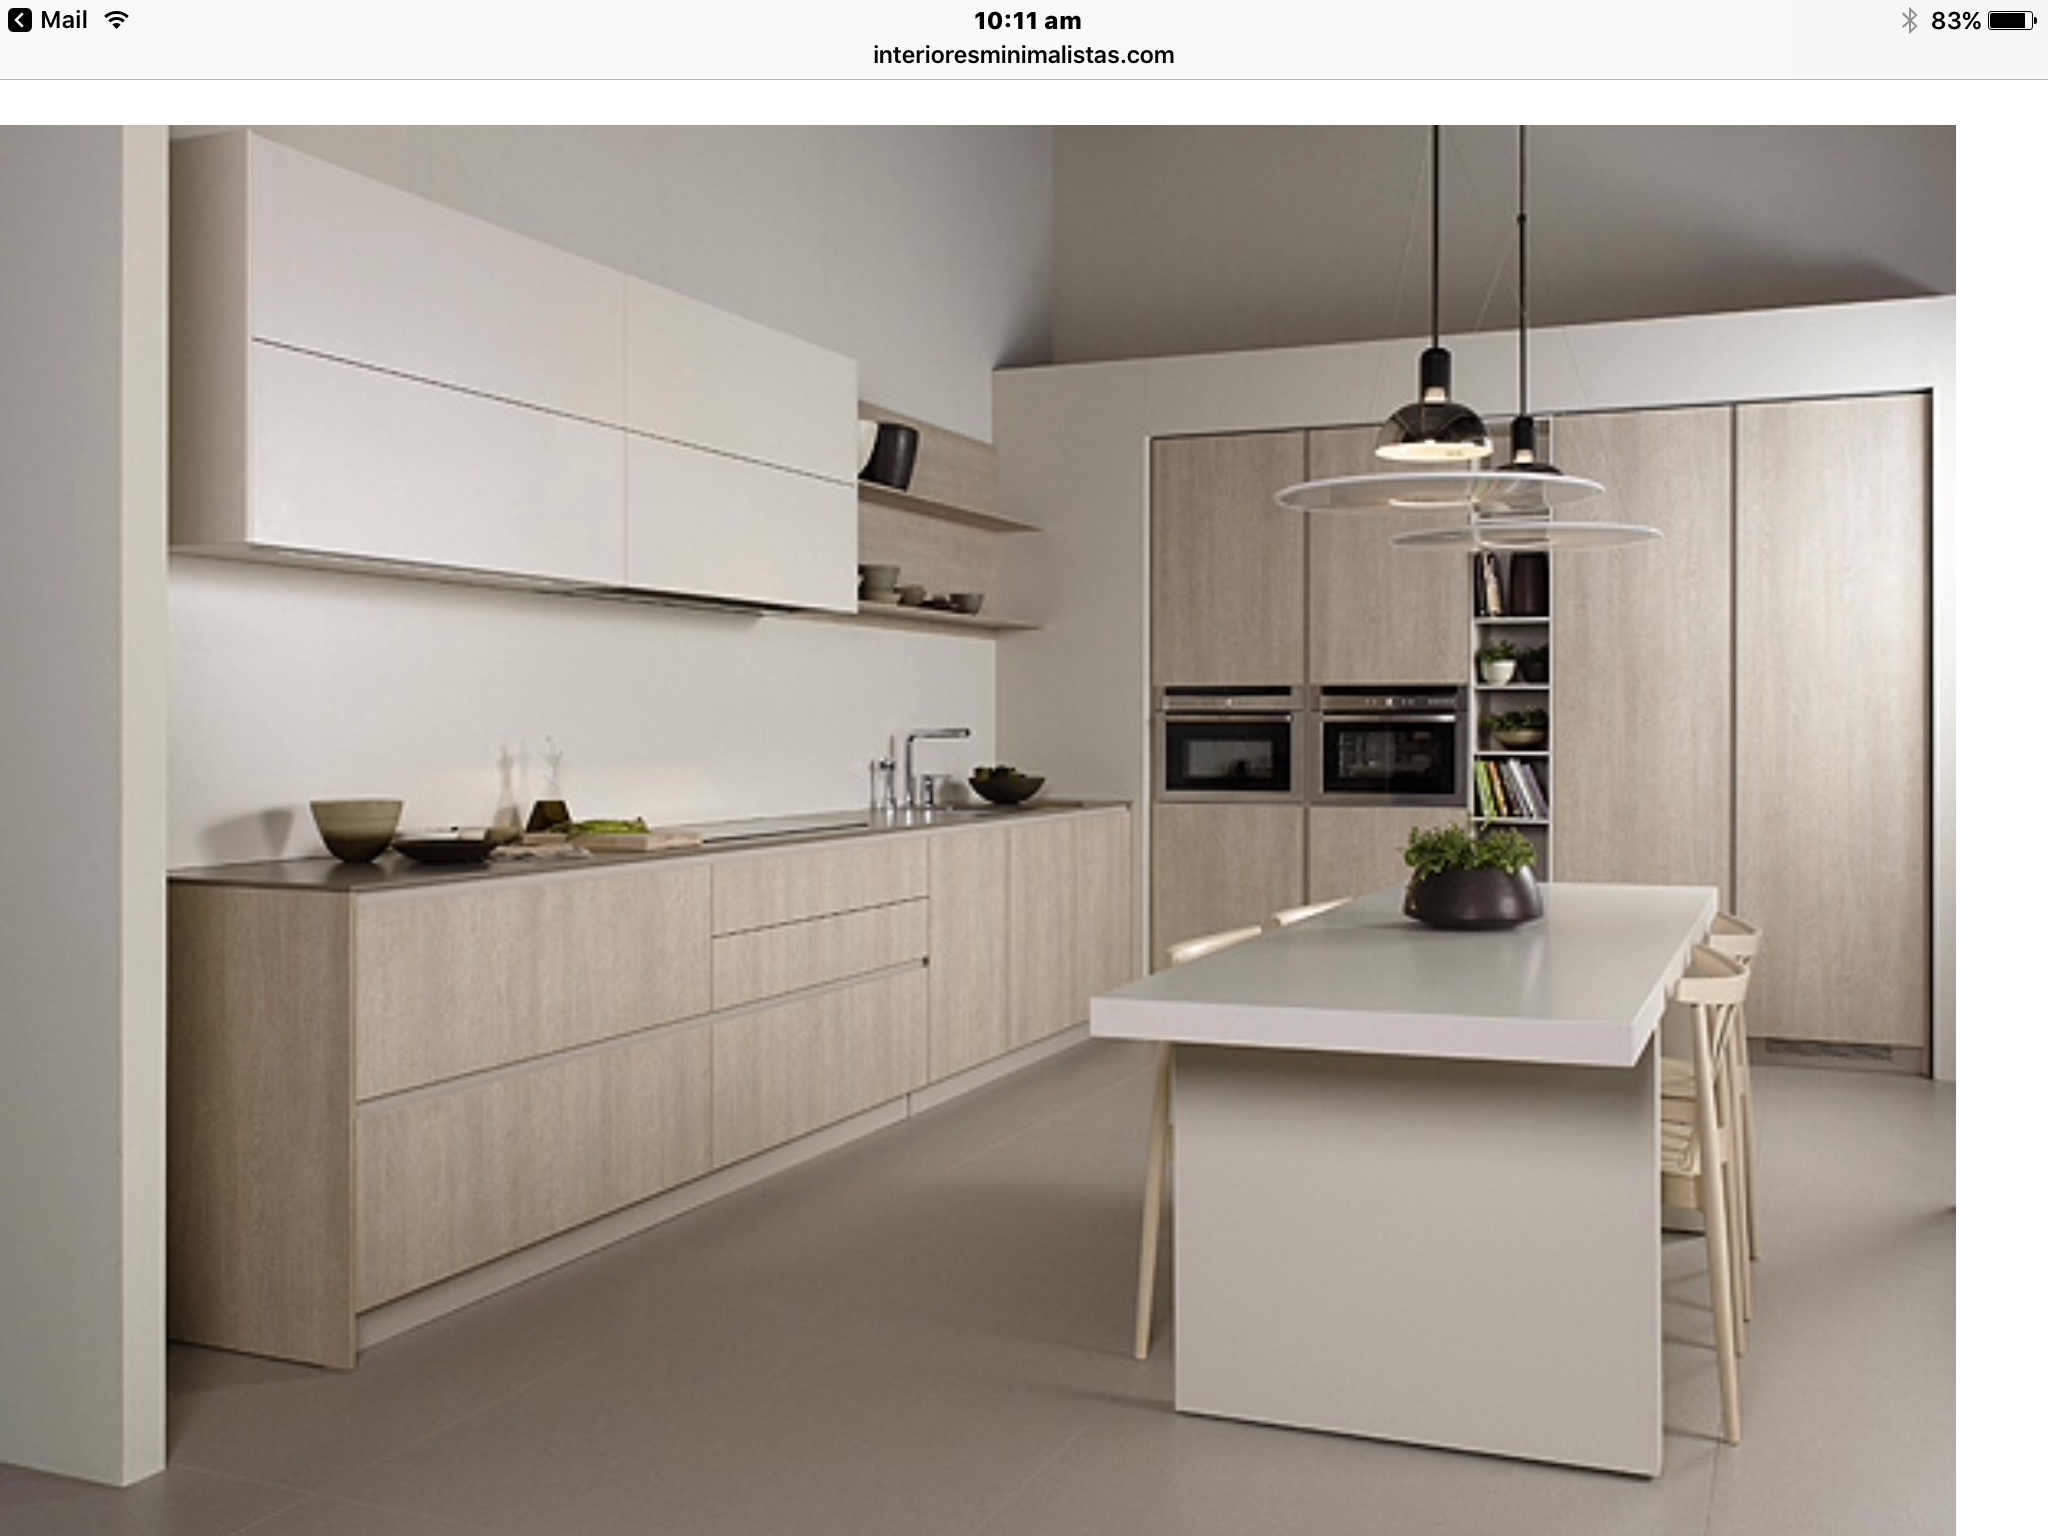 Pin von iris auf Humble Abode | Pinterest | Hausbau, Schöne sachen ...